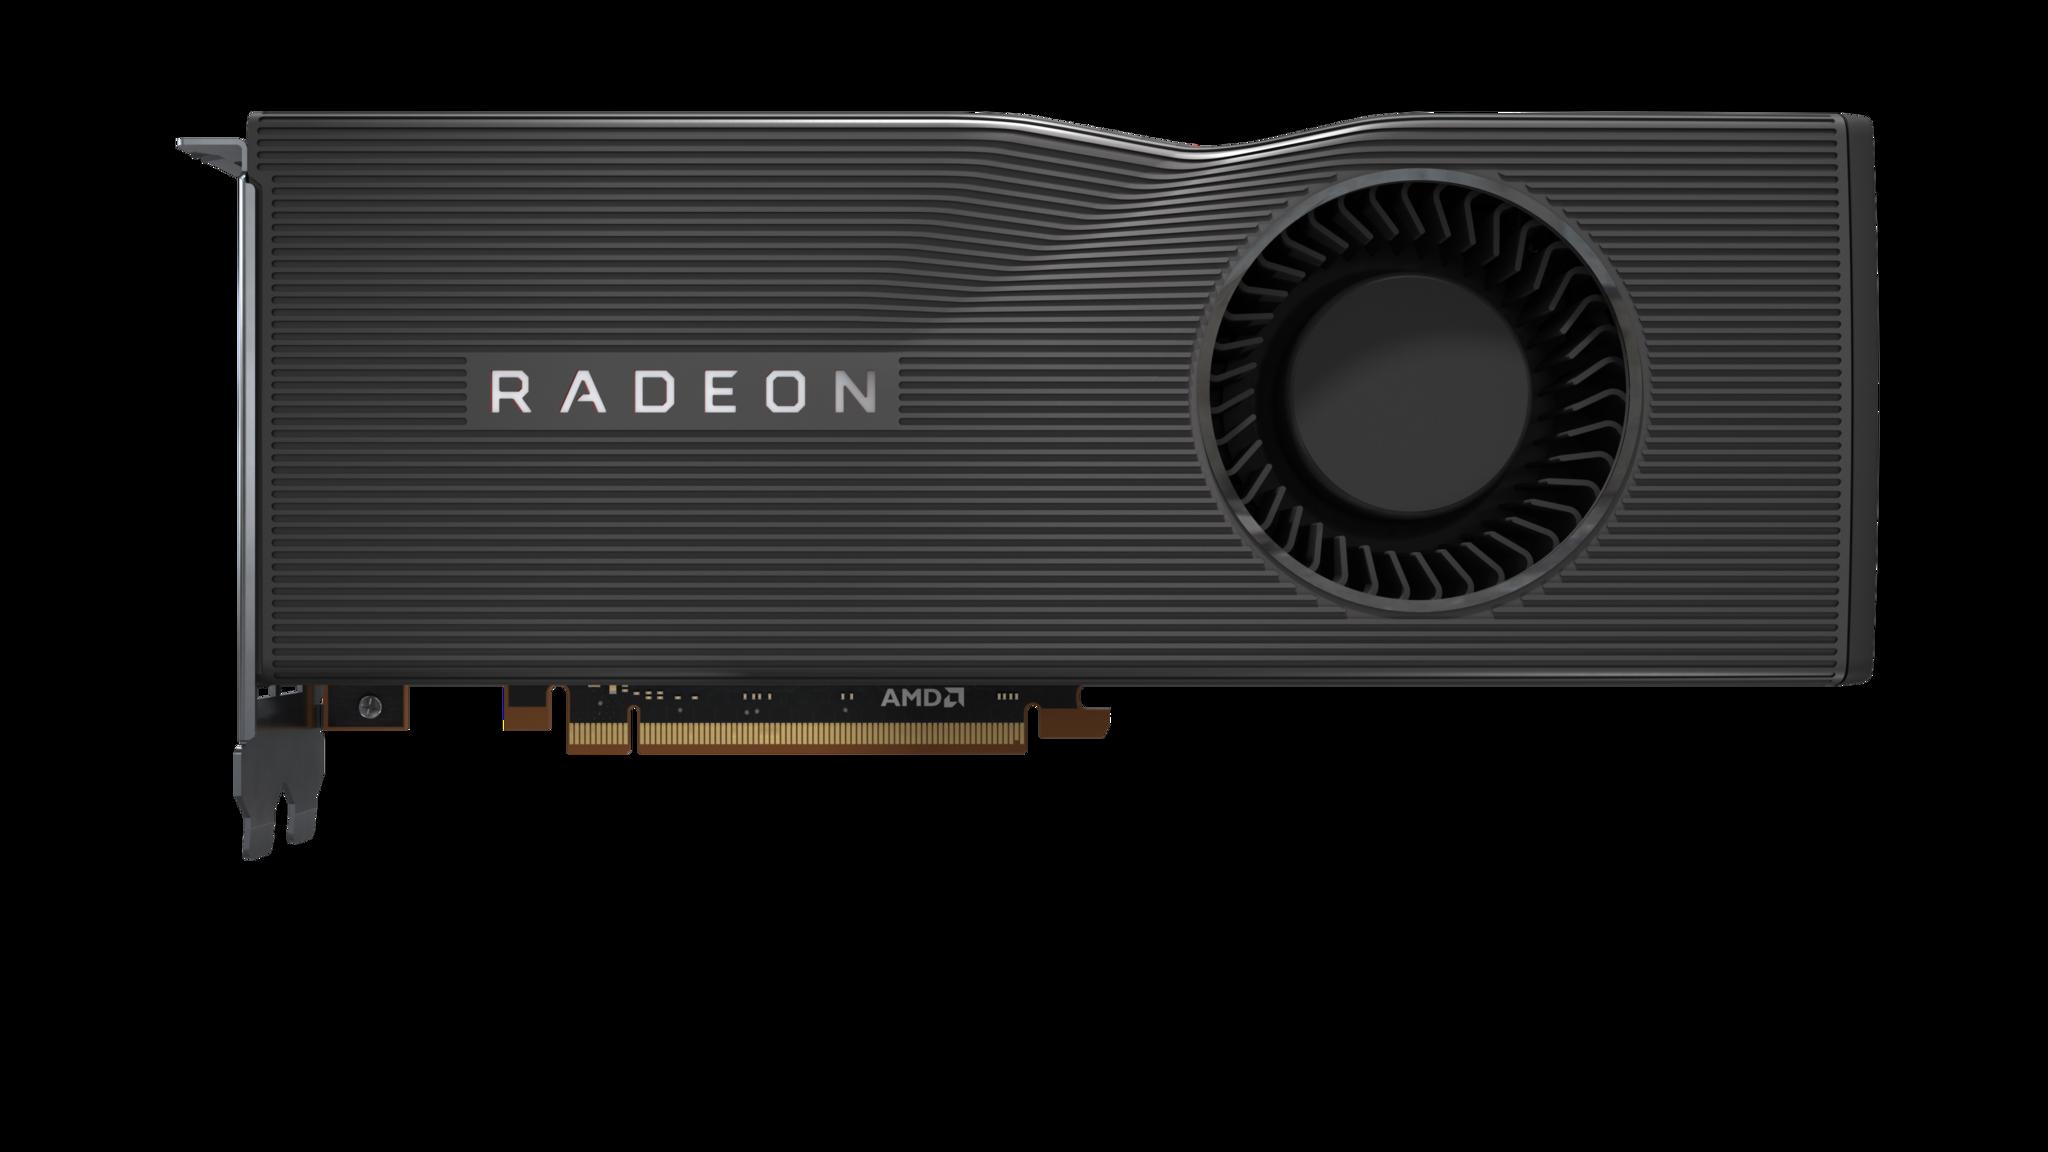 AMD เปิดตัวผลิตภัณฑ์แสดงความเป็นผู้นำแพลทฟอร์มพีซี สำหรับเกมเมอร์ทั่วโลก ณ งาน E3 2019